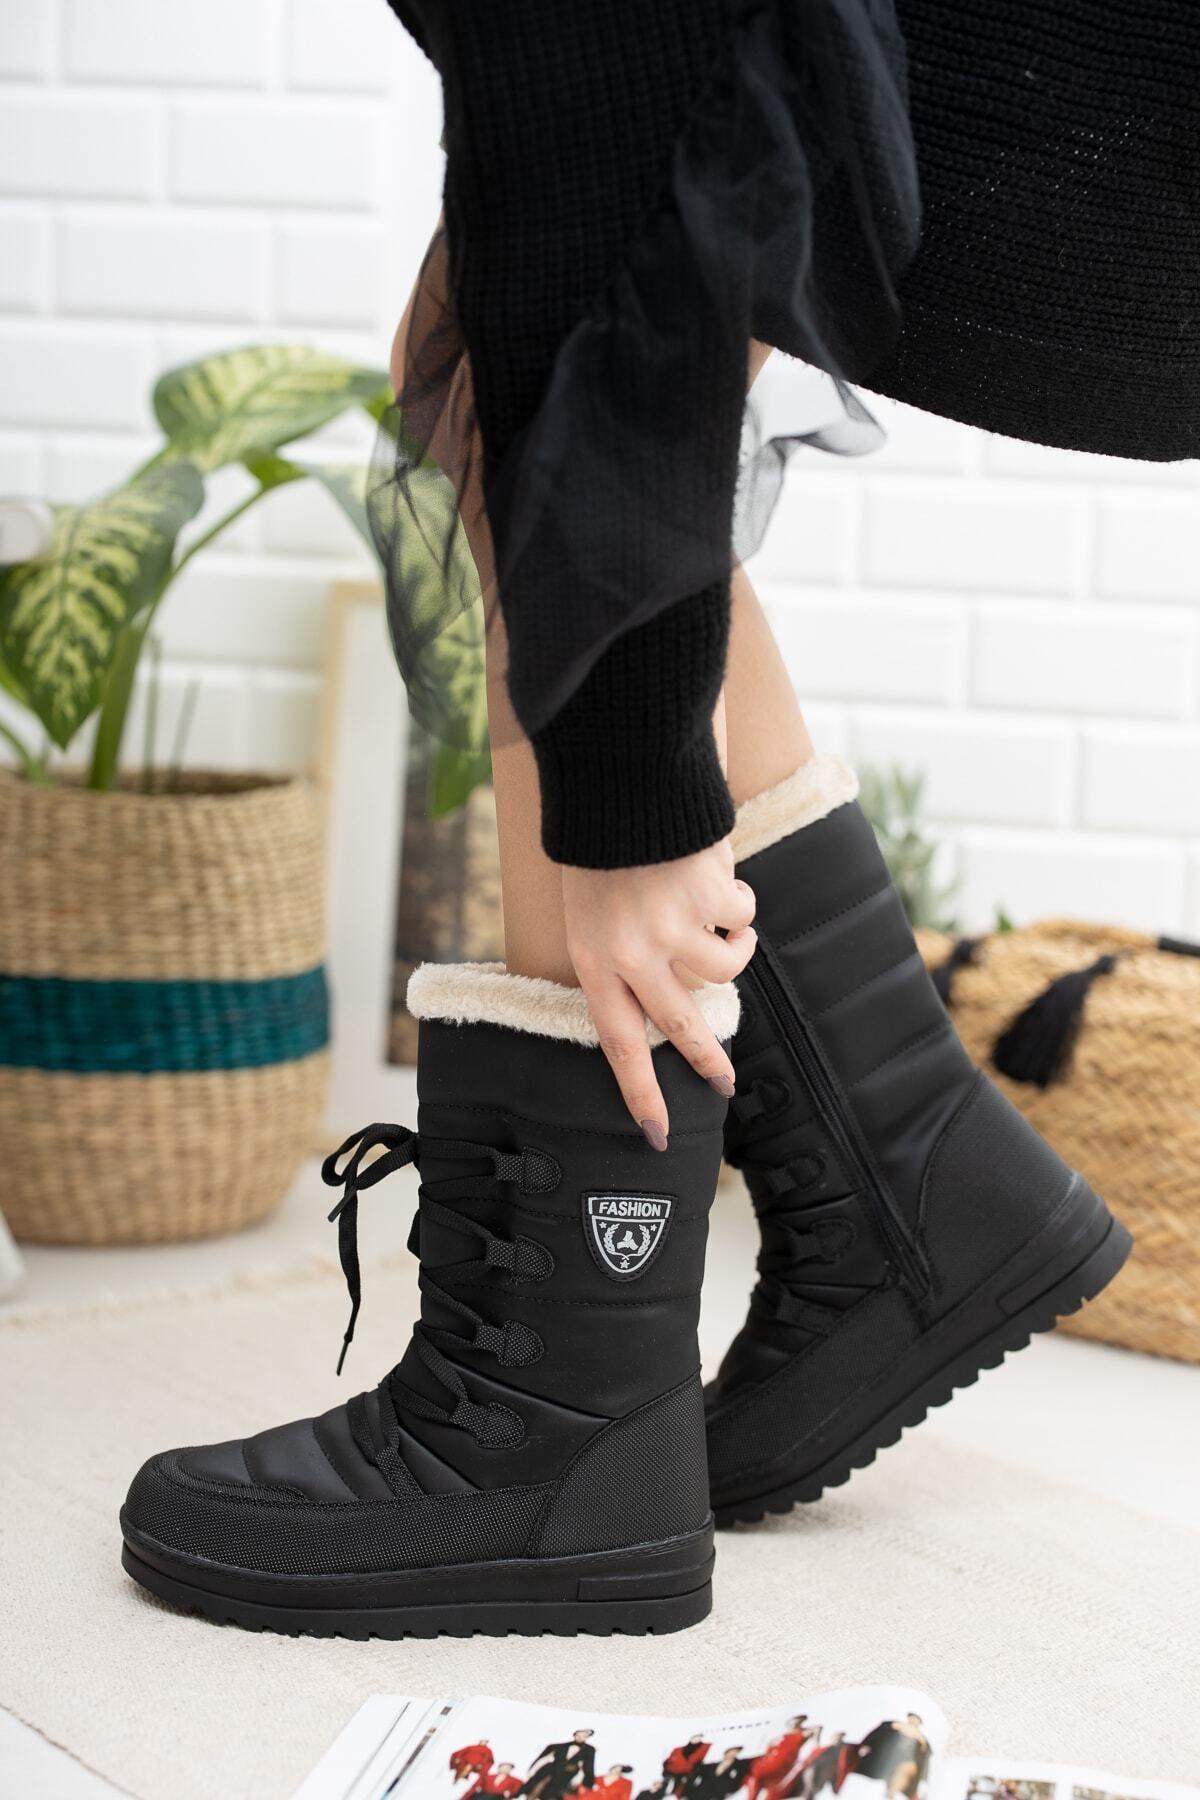 Twingo 995 Kürklü Kadın Soğuk Geçirmez Bot Ayakkabı 2